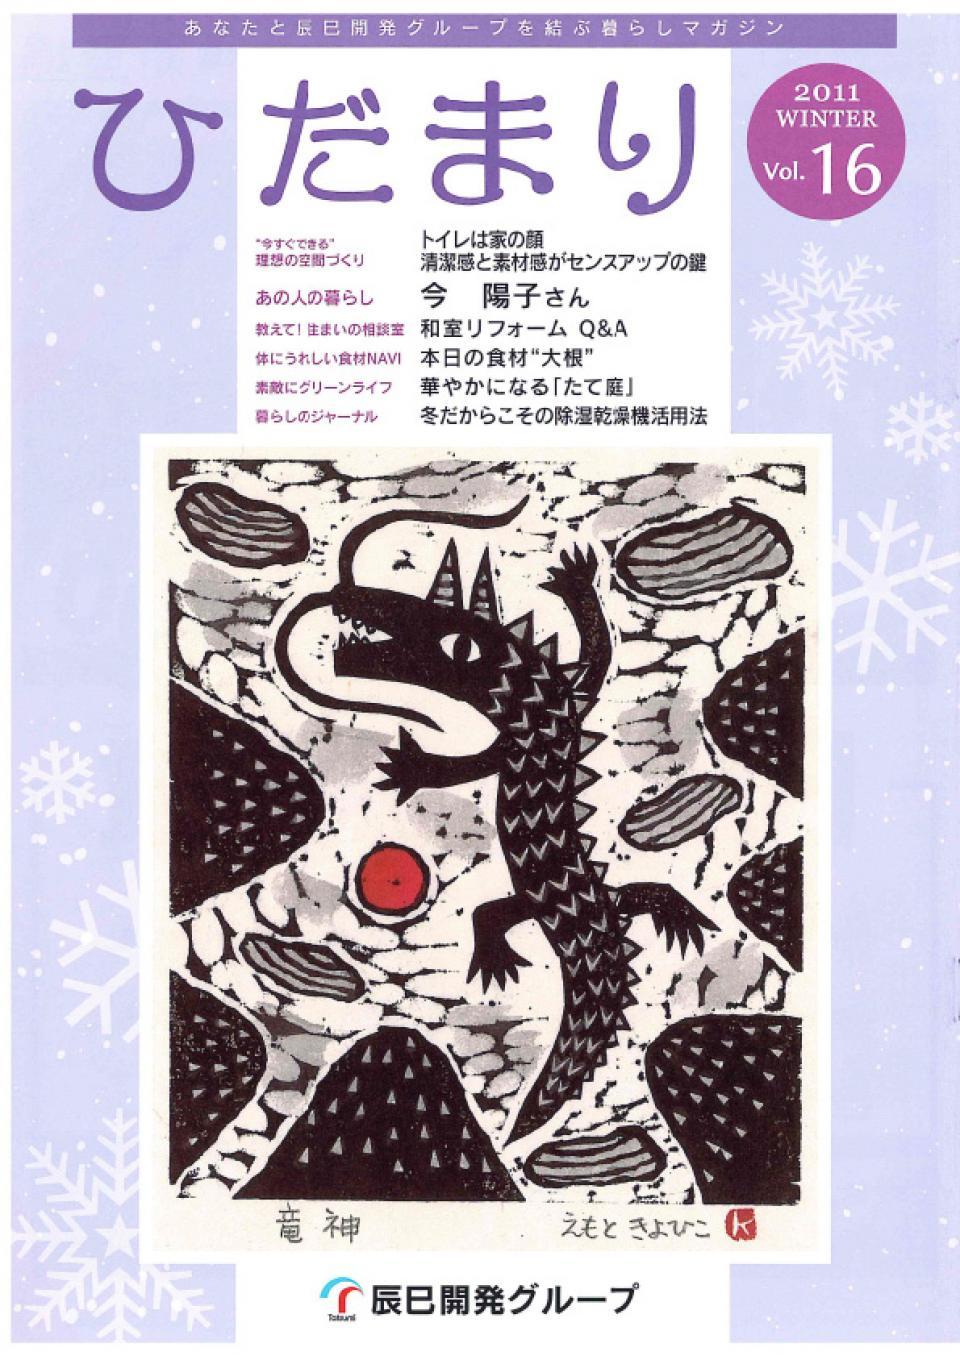 ひだまり 2012 Winter vol.16